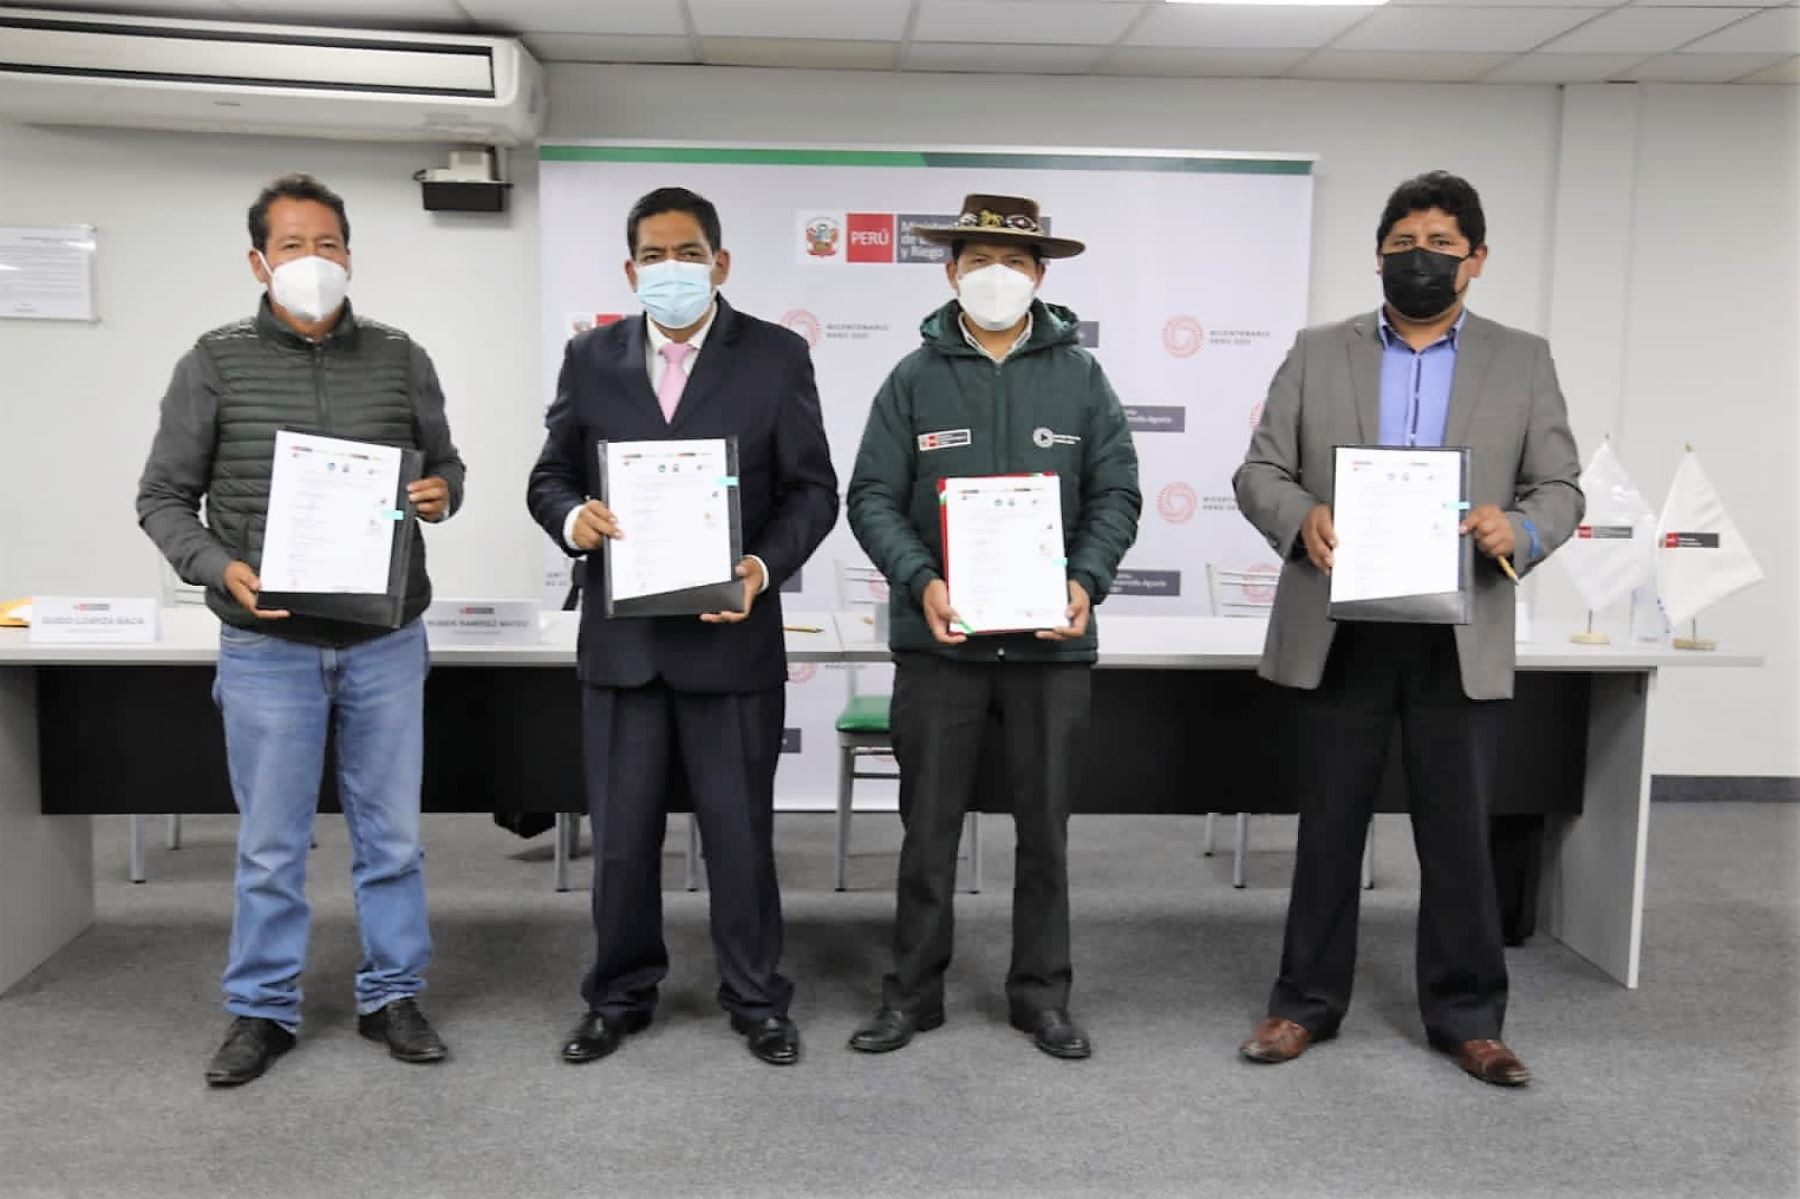 Ministros del Ambiente y de Desarrollo Agrario y Riego, Rubén Ramírez y Víctor Maita, firmaron un convenio con autoridades de Andahuaylillas y Lucre. Foto: ANDINA/Difusión